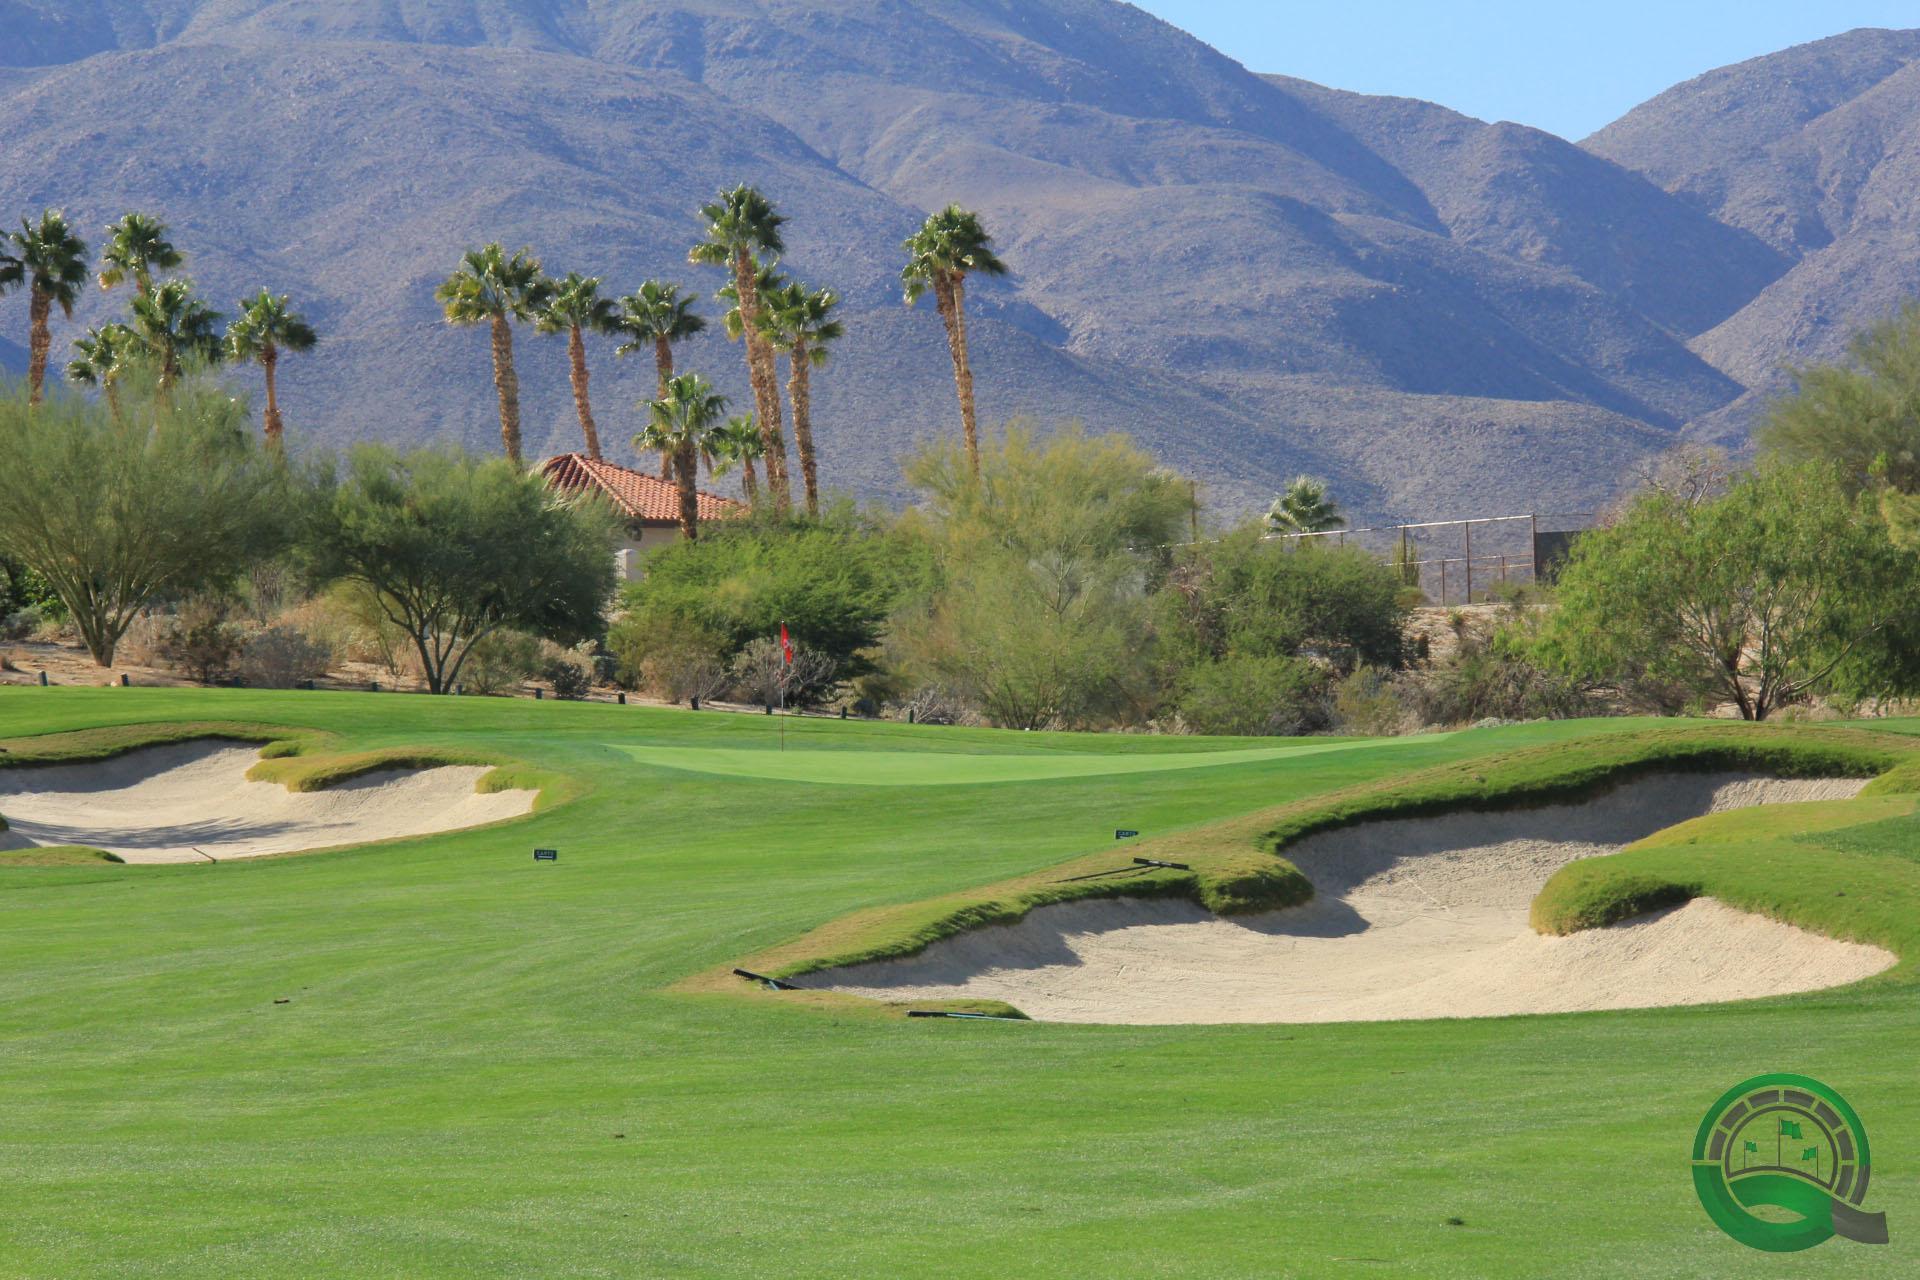 Rams Hill Golf Club Hole 2 Green